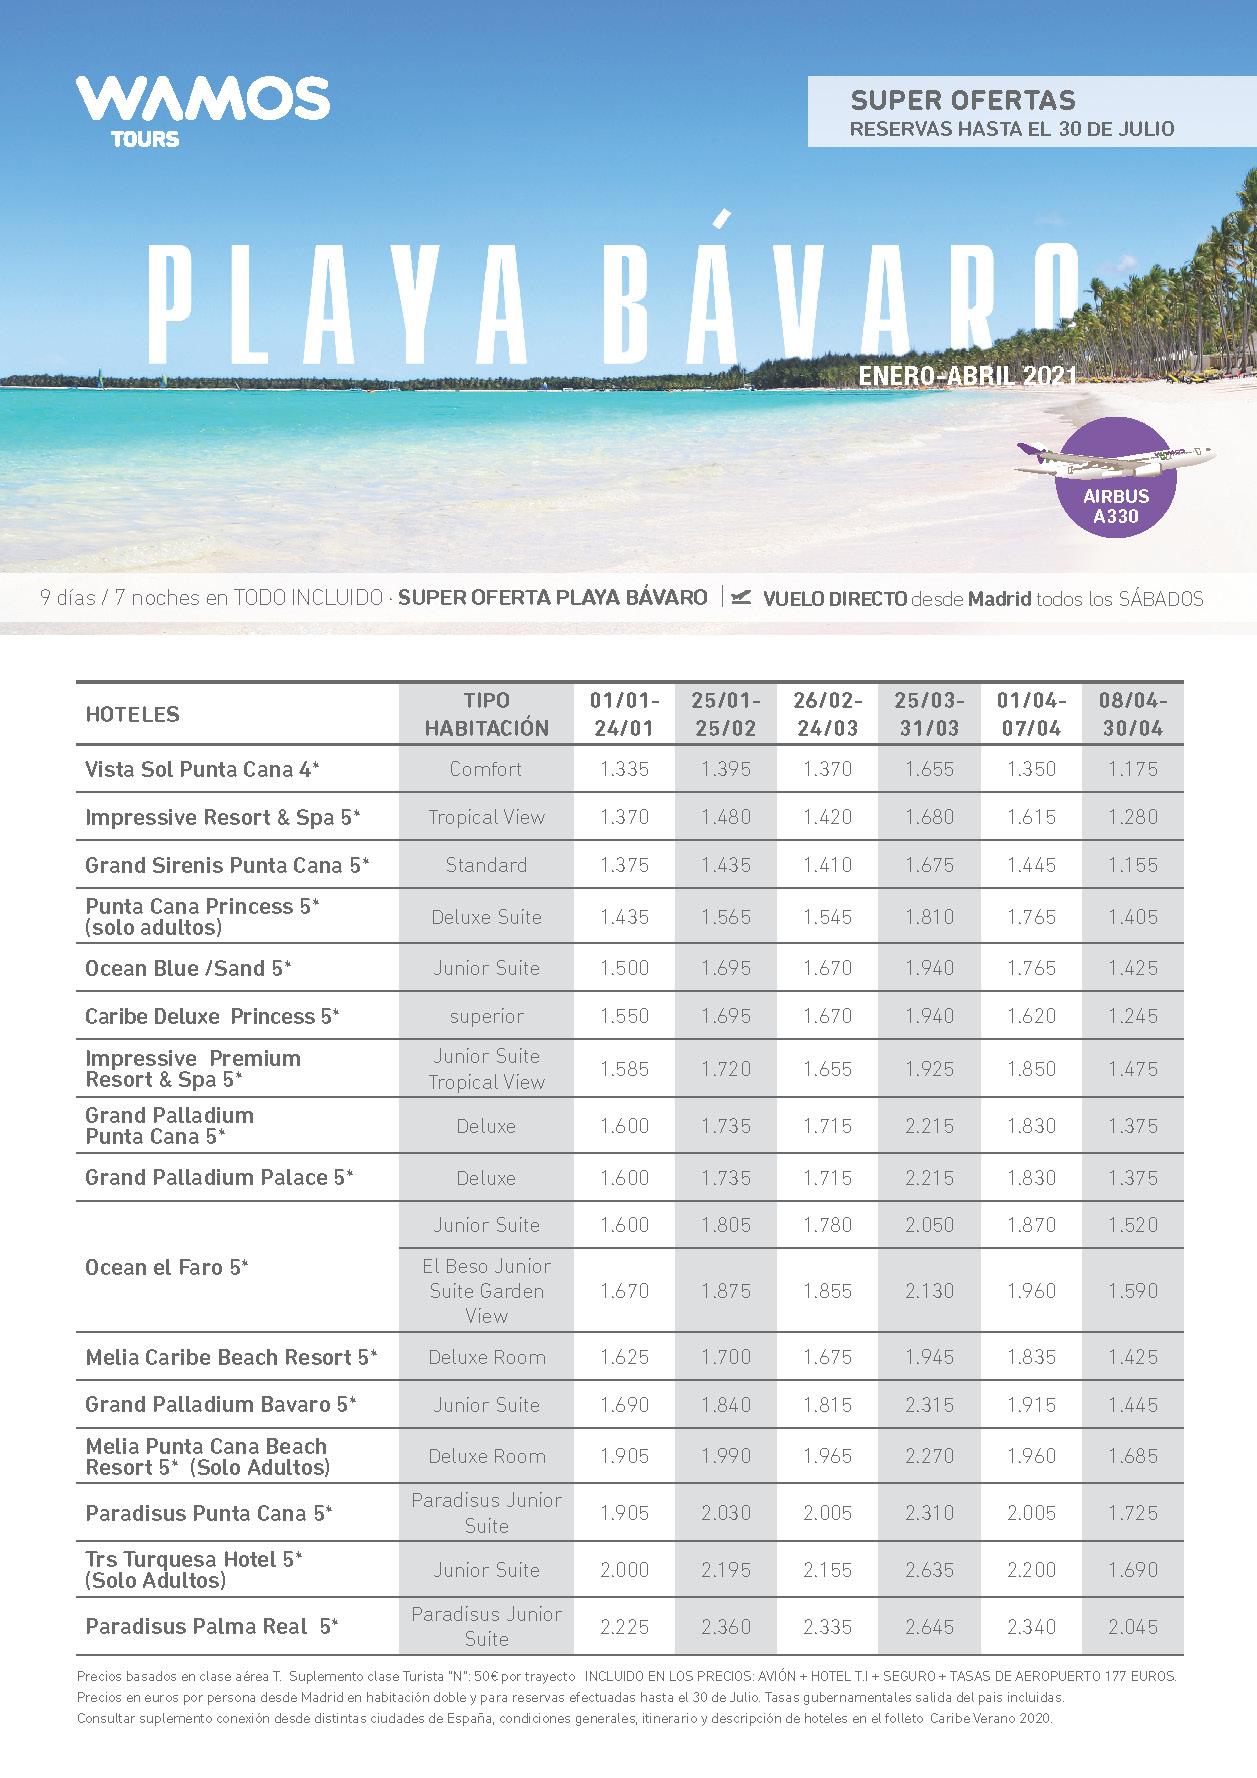 Oferta Wamos Tours Playa Bávaro Todo Incluido Enero a Abril 2021 salidas vuelo directo desde Madrid